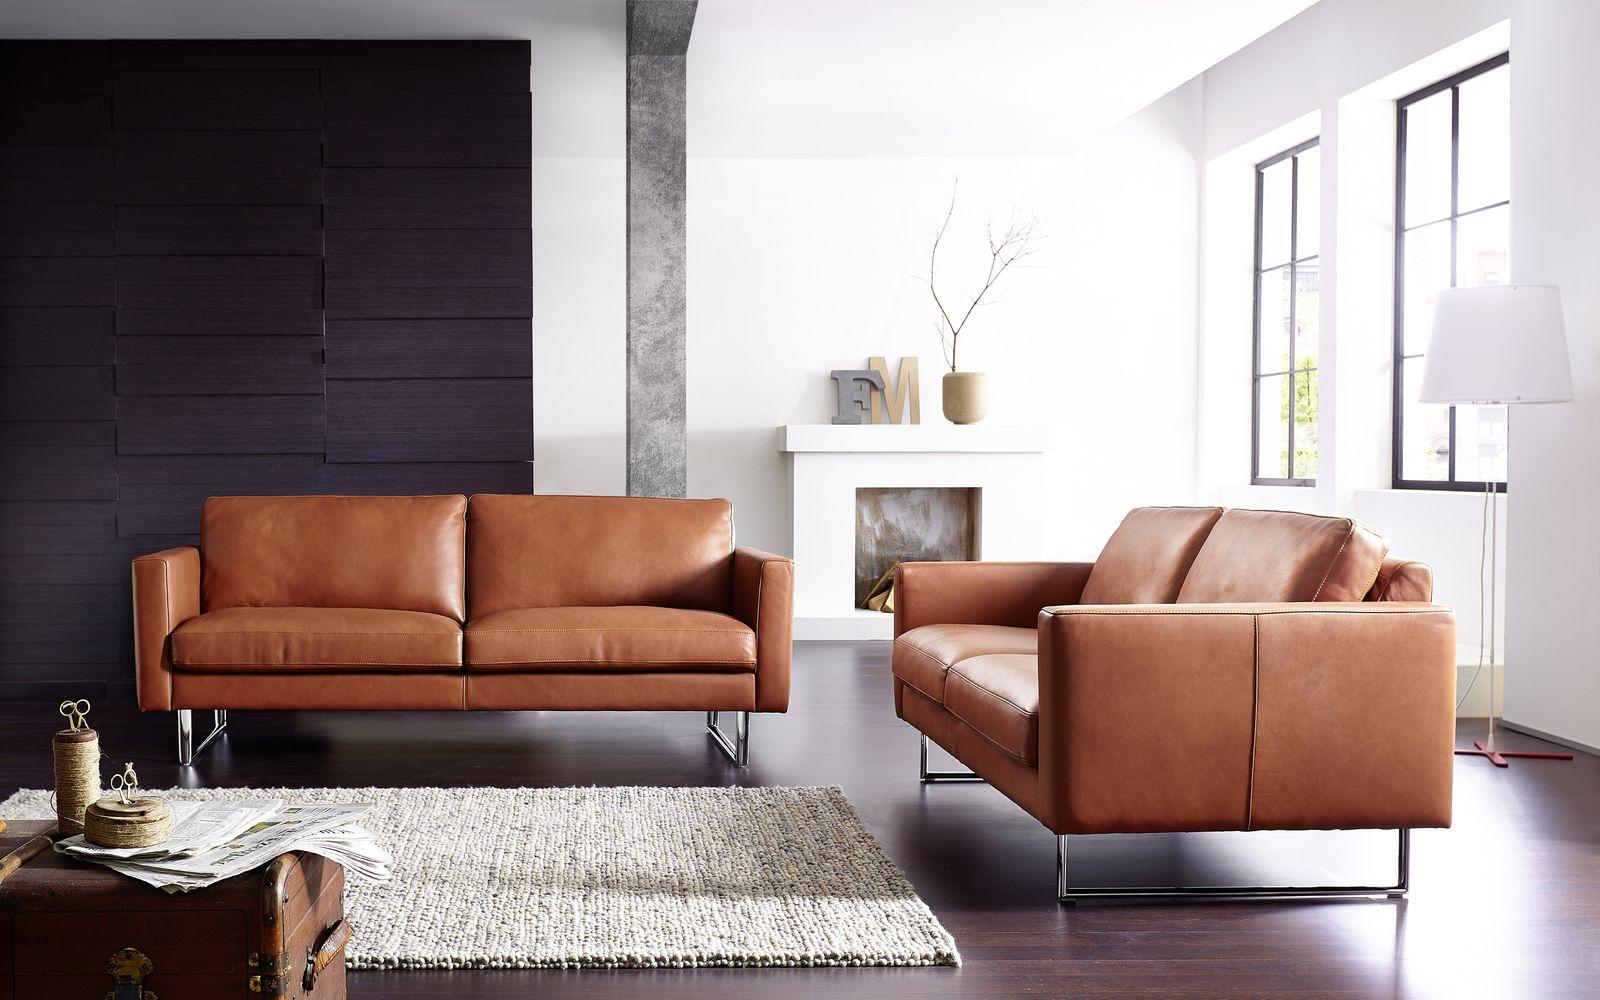 Ledersofas super stilvoll und bequem Sitzecke Wohnzimmer